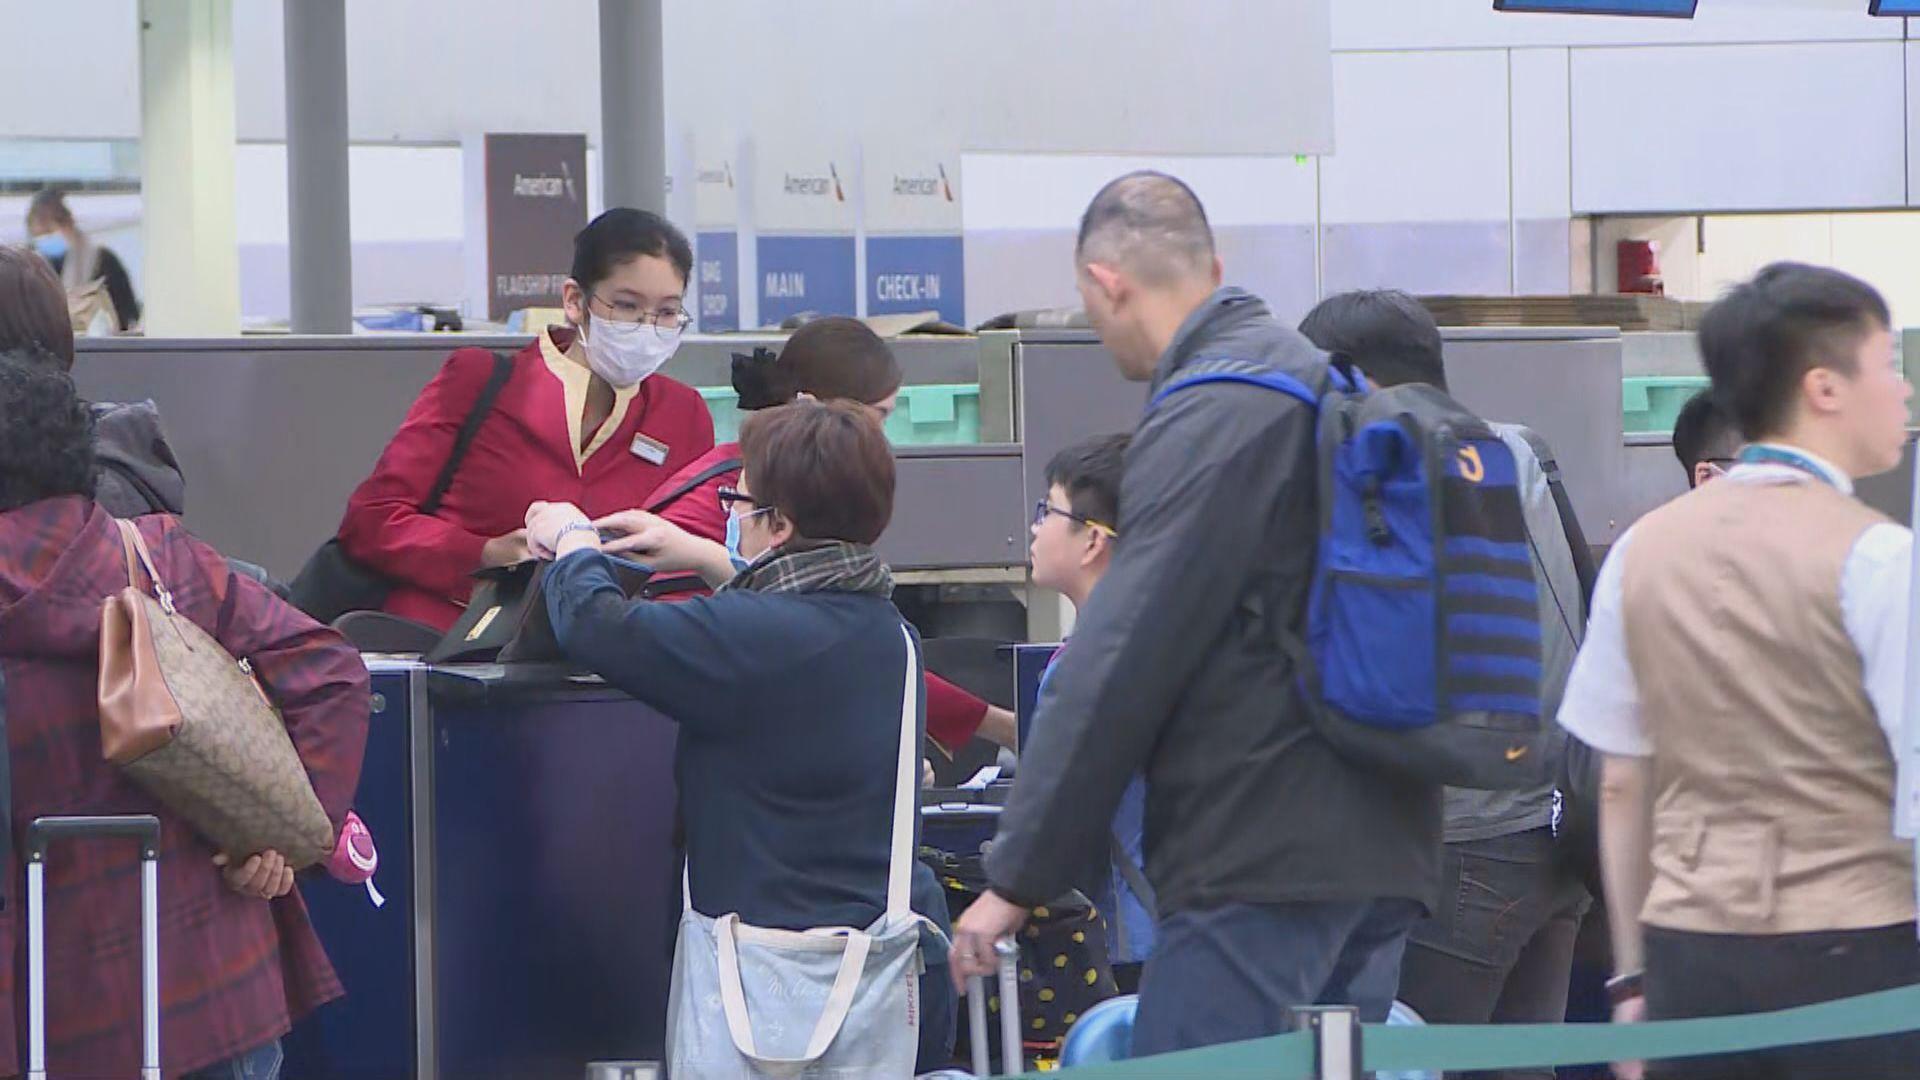 【疫情加劇】國泰港龍周五起取消所有往返武漢航班